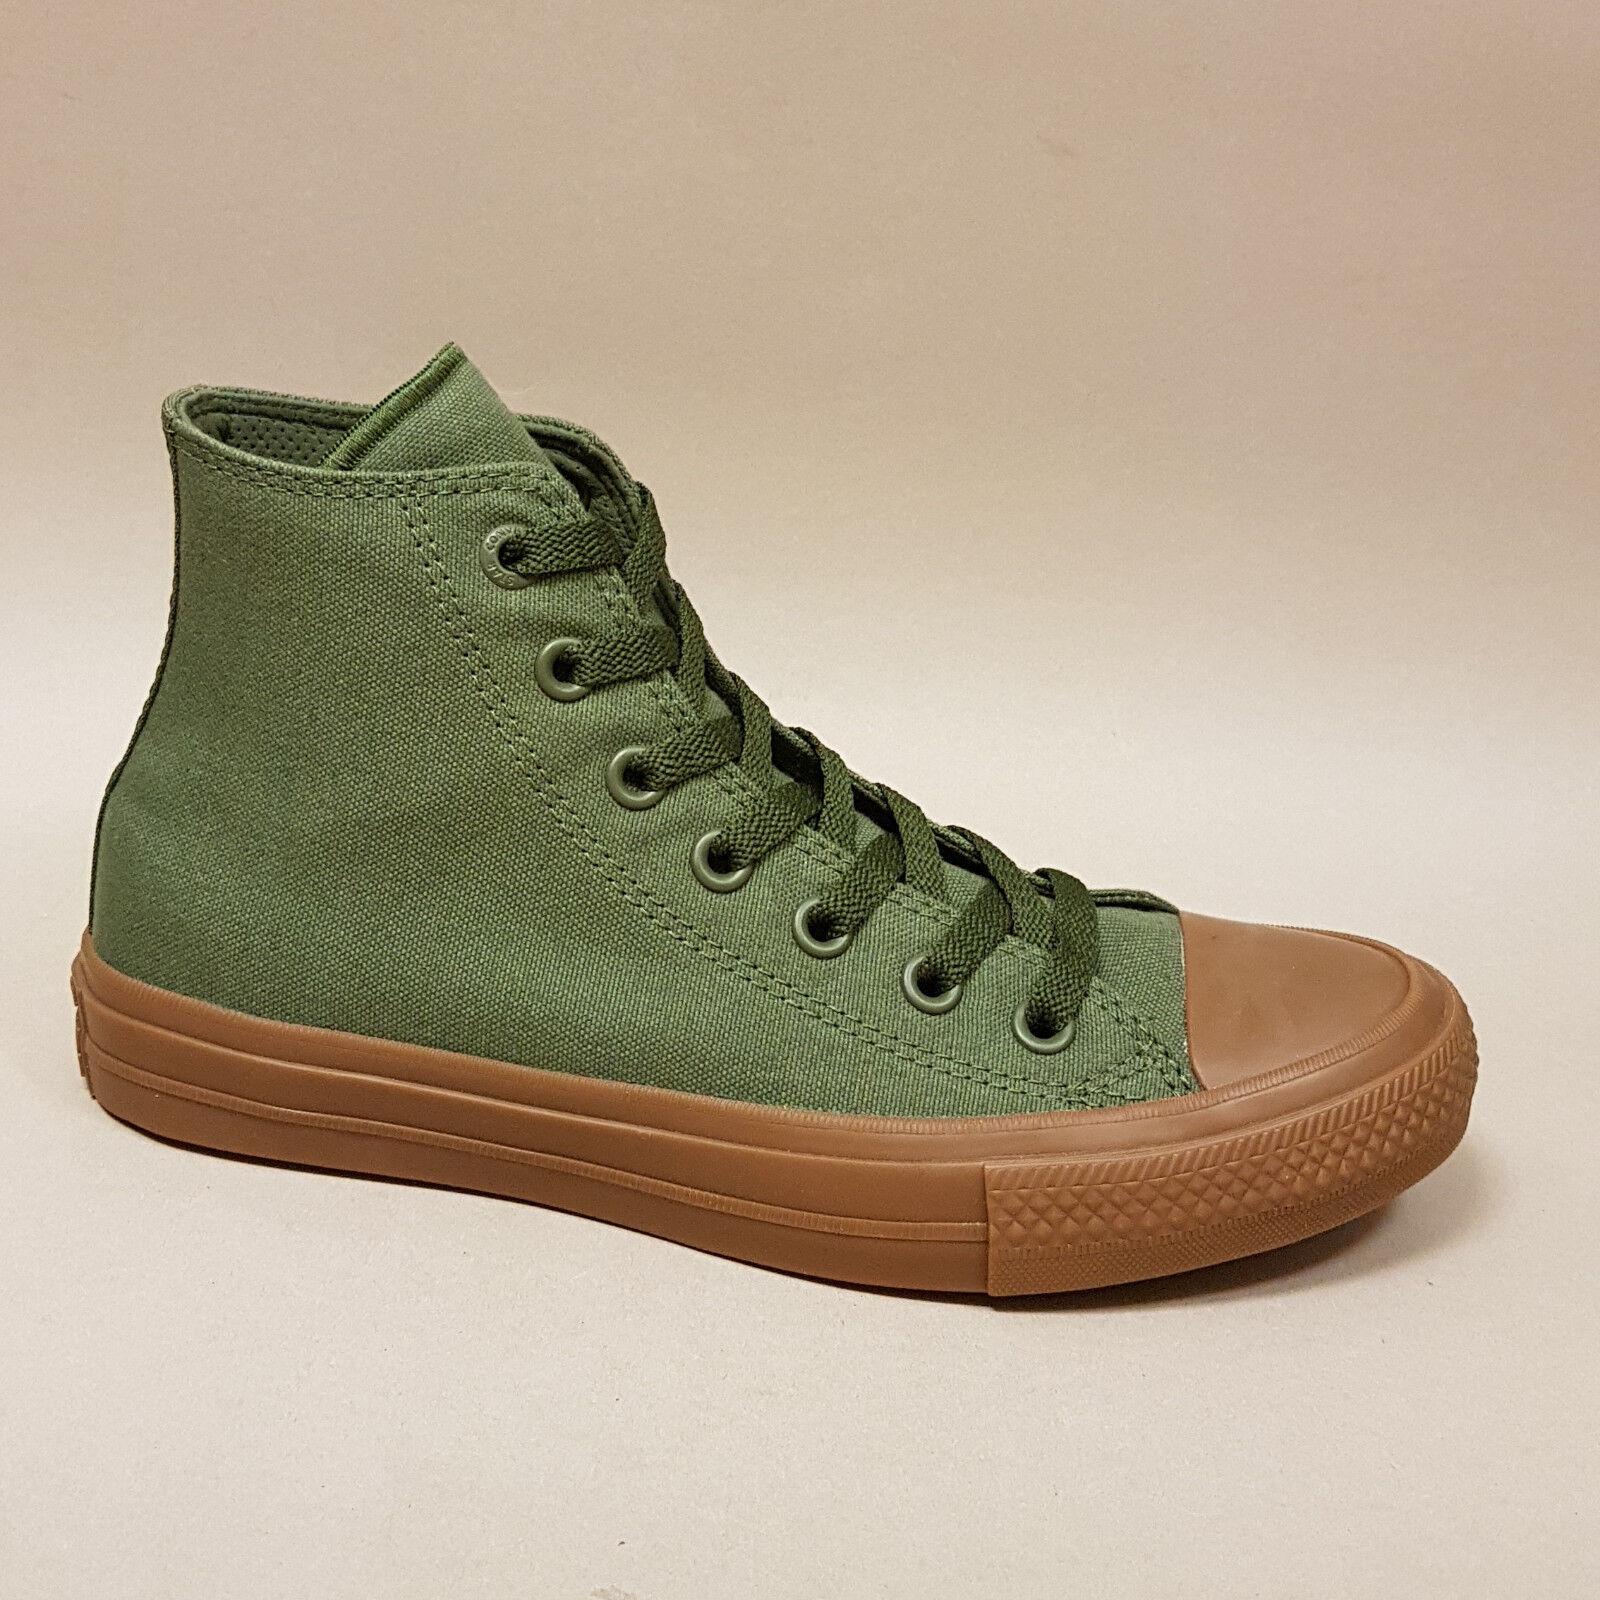 Converse All Star Chuck Tayler II Hi Herbal Gum 155498C Turnschuhe Turnschuhe grün